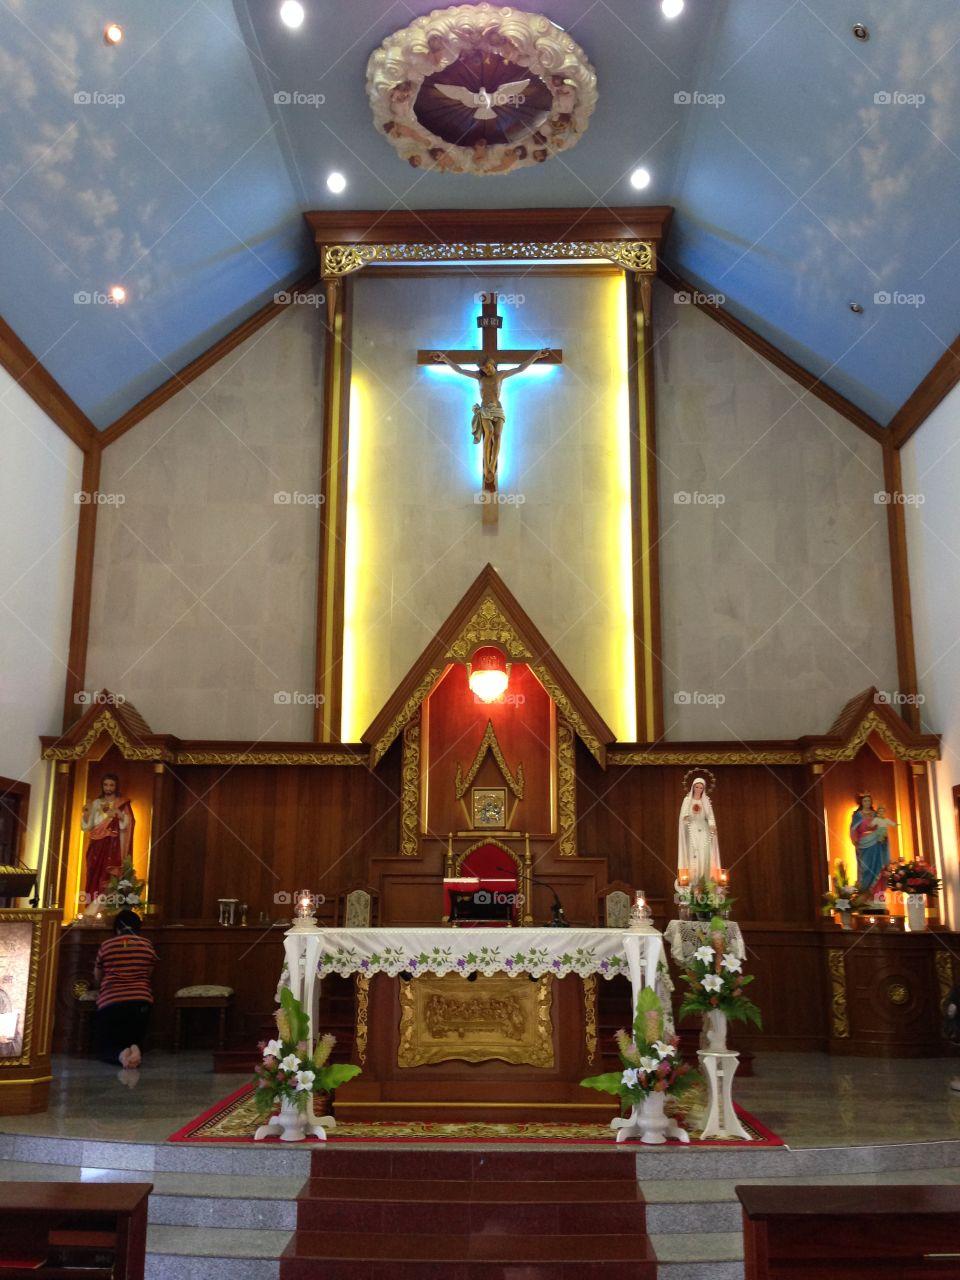 Catholic Church altar